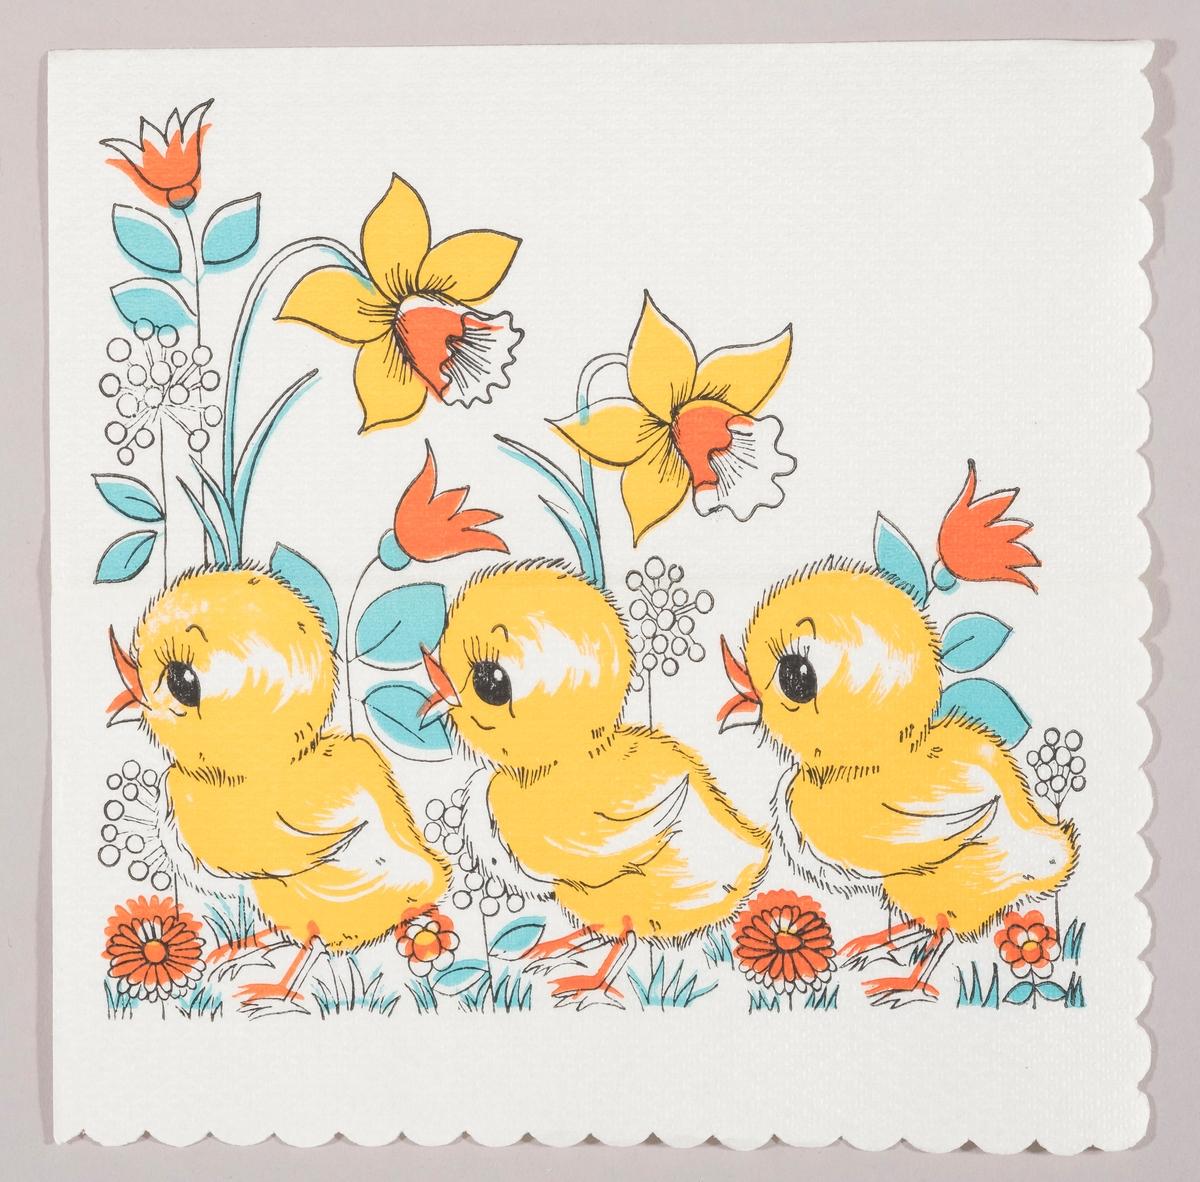 Tre kyllinger på rekke i en blomstereng med store påskeliljer, tulipaner og andre blomster.